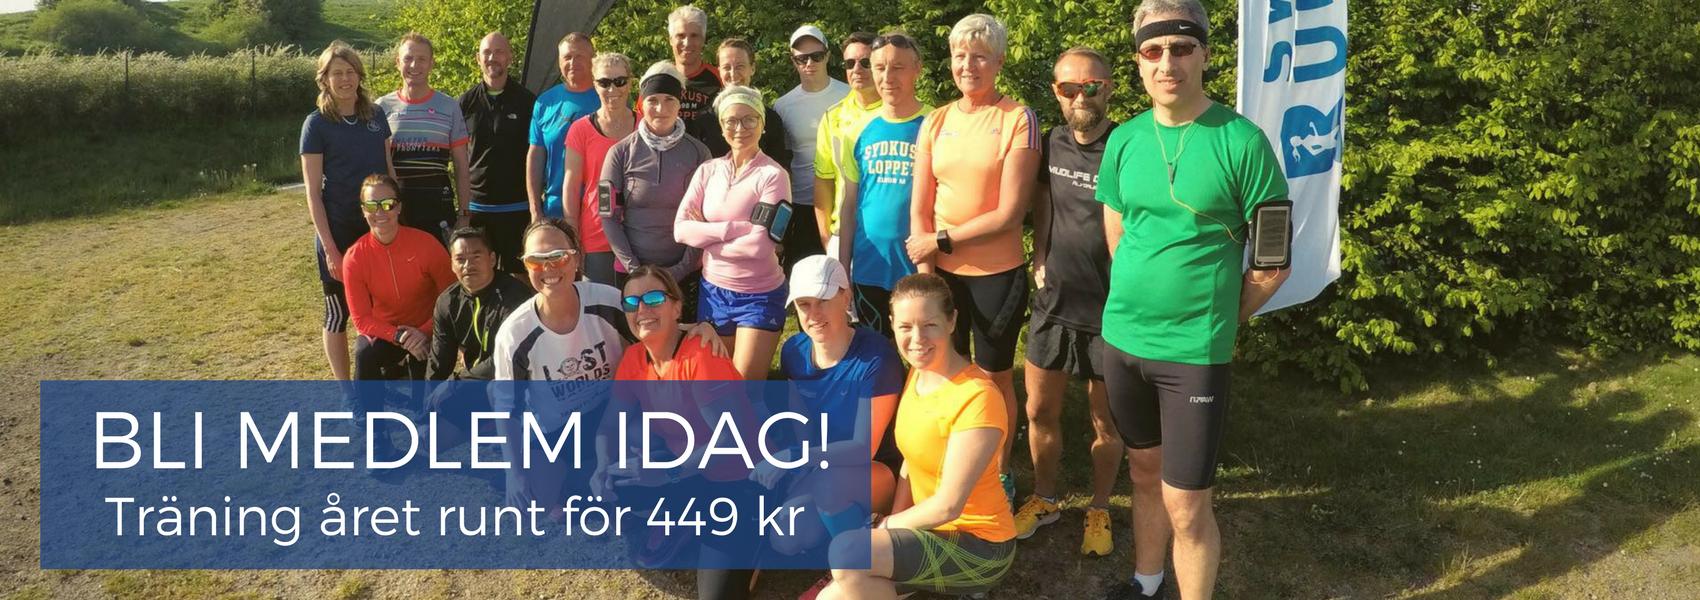 Bli medlem i Sweden Runners